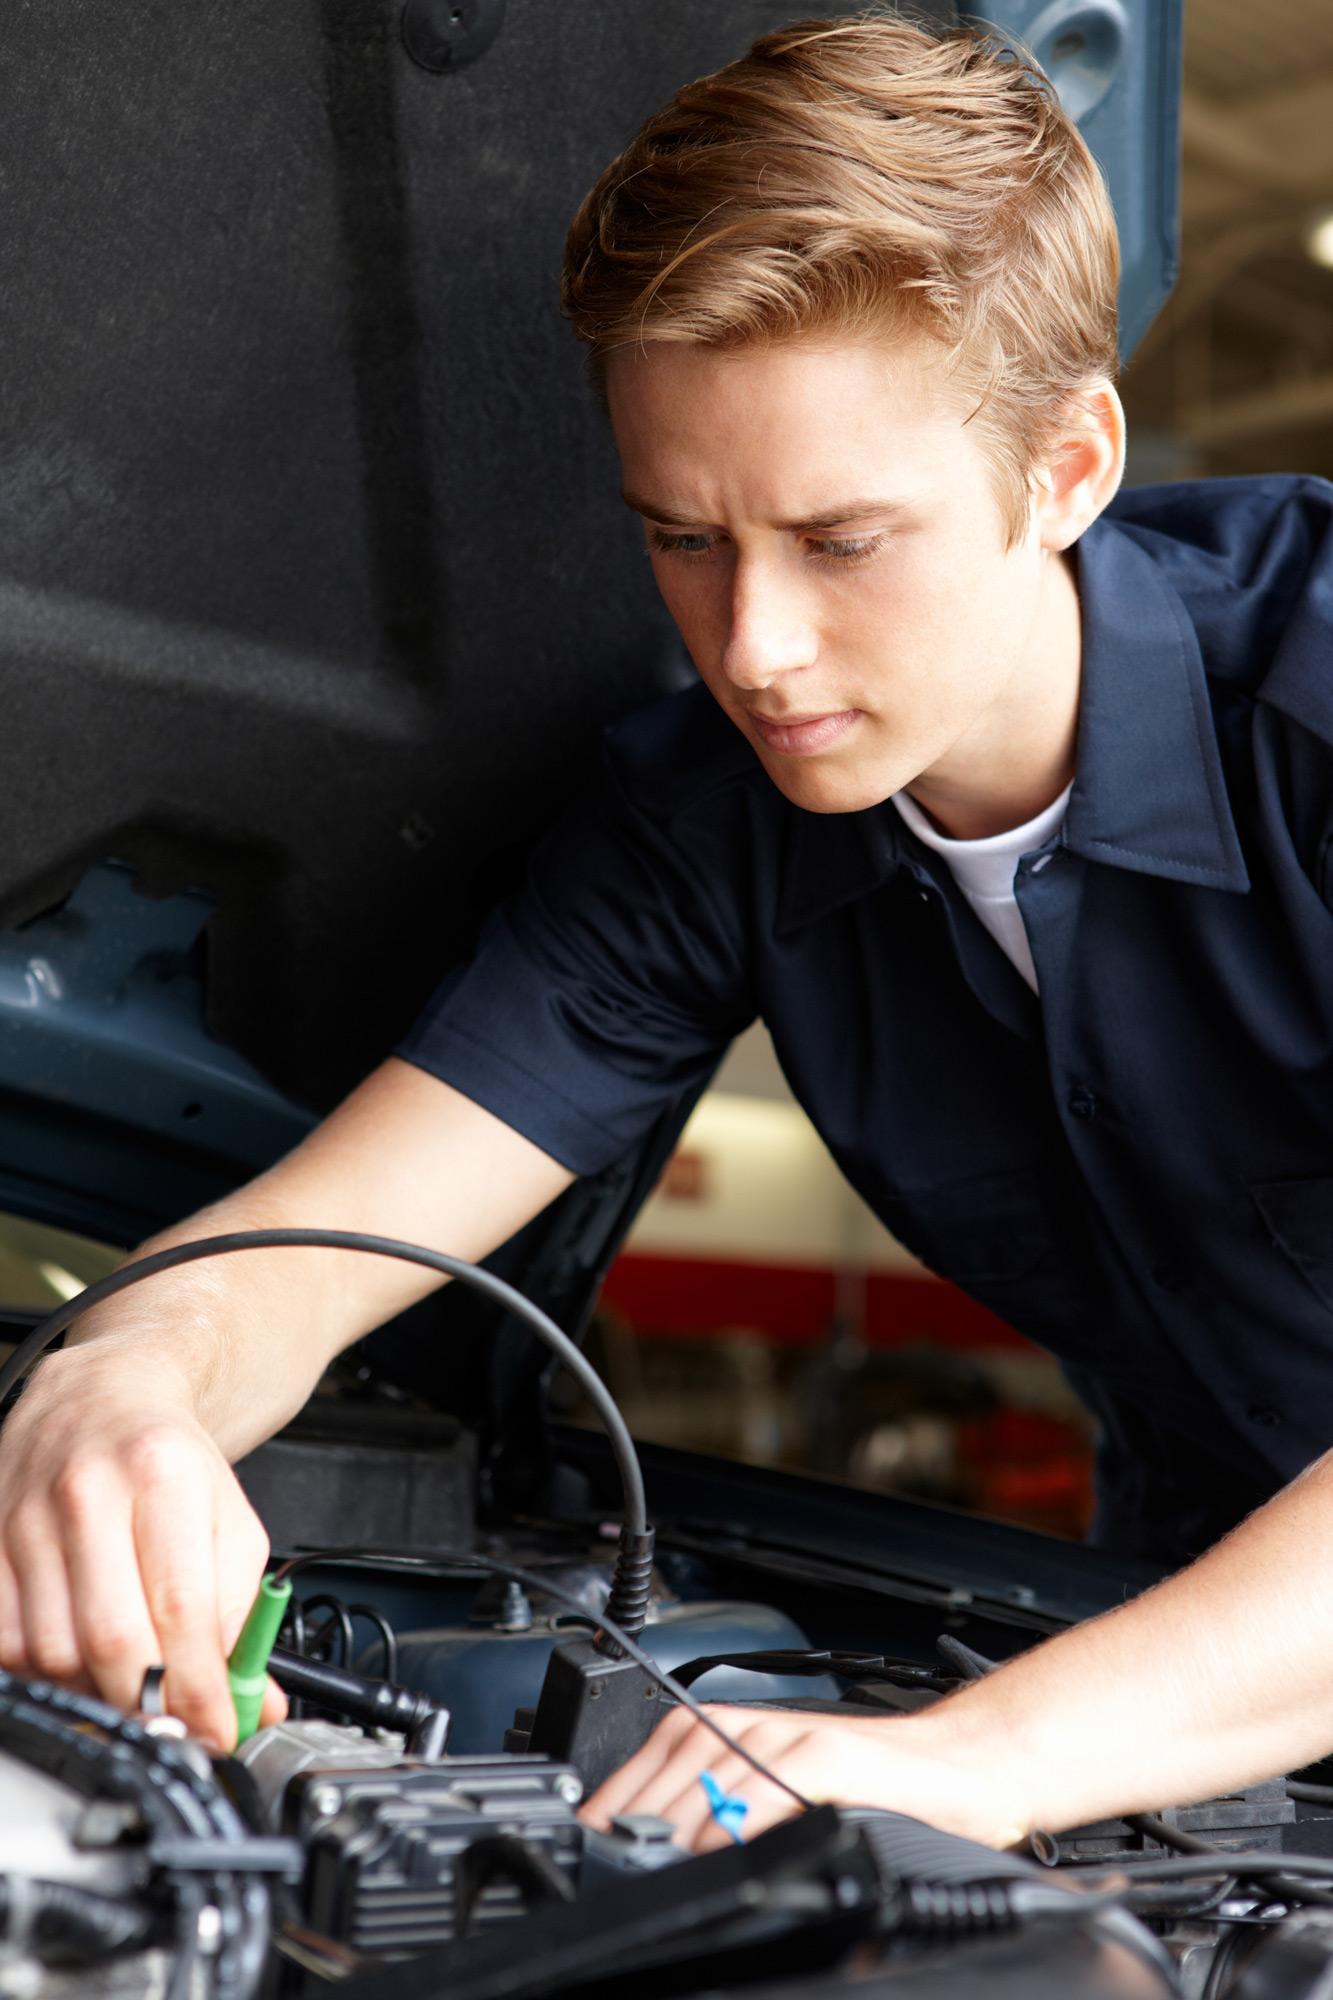 BMW Service Repair - Valley BMW